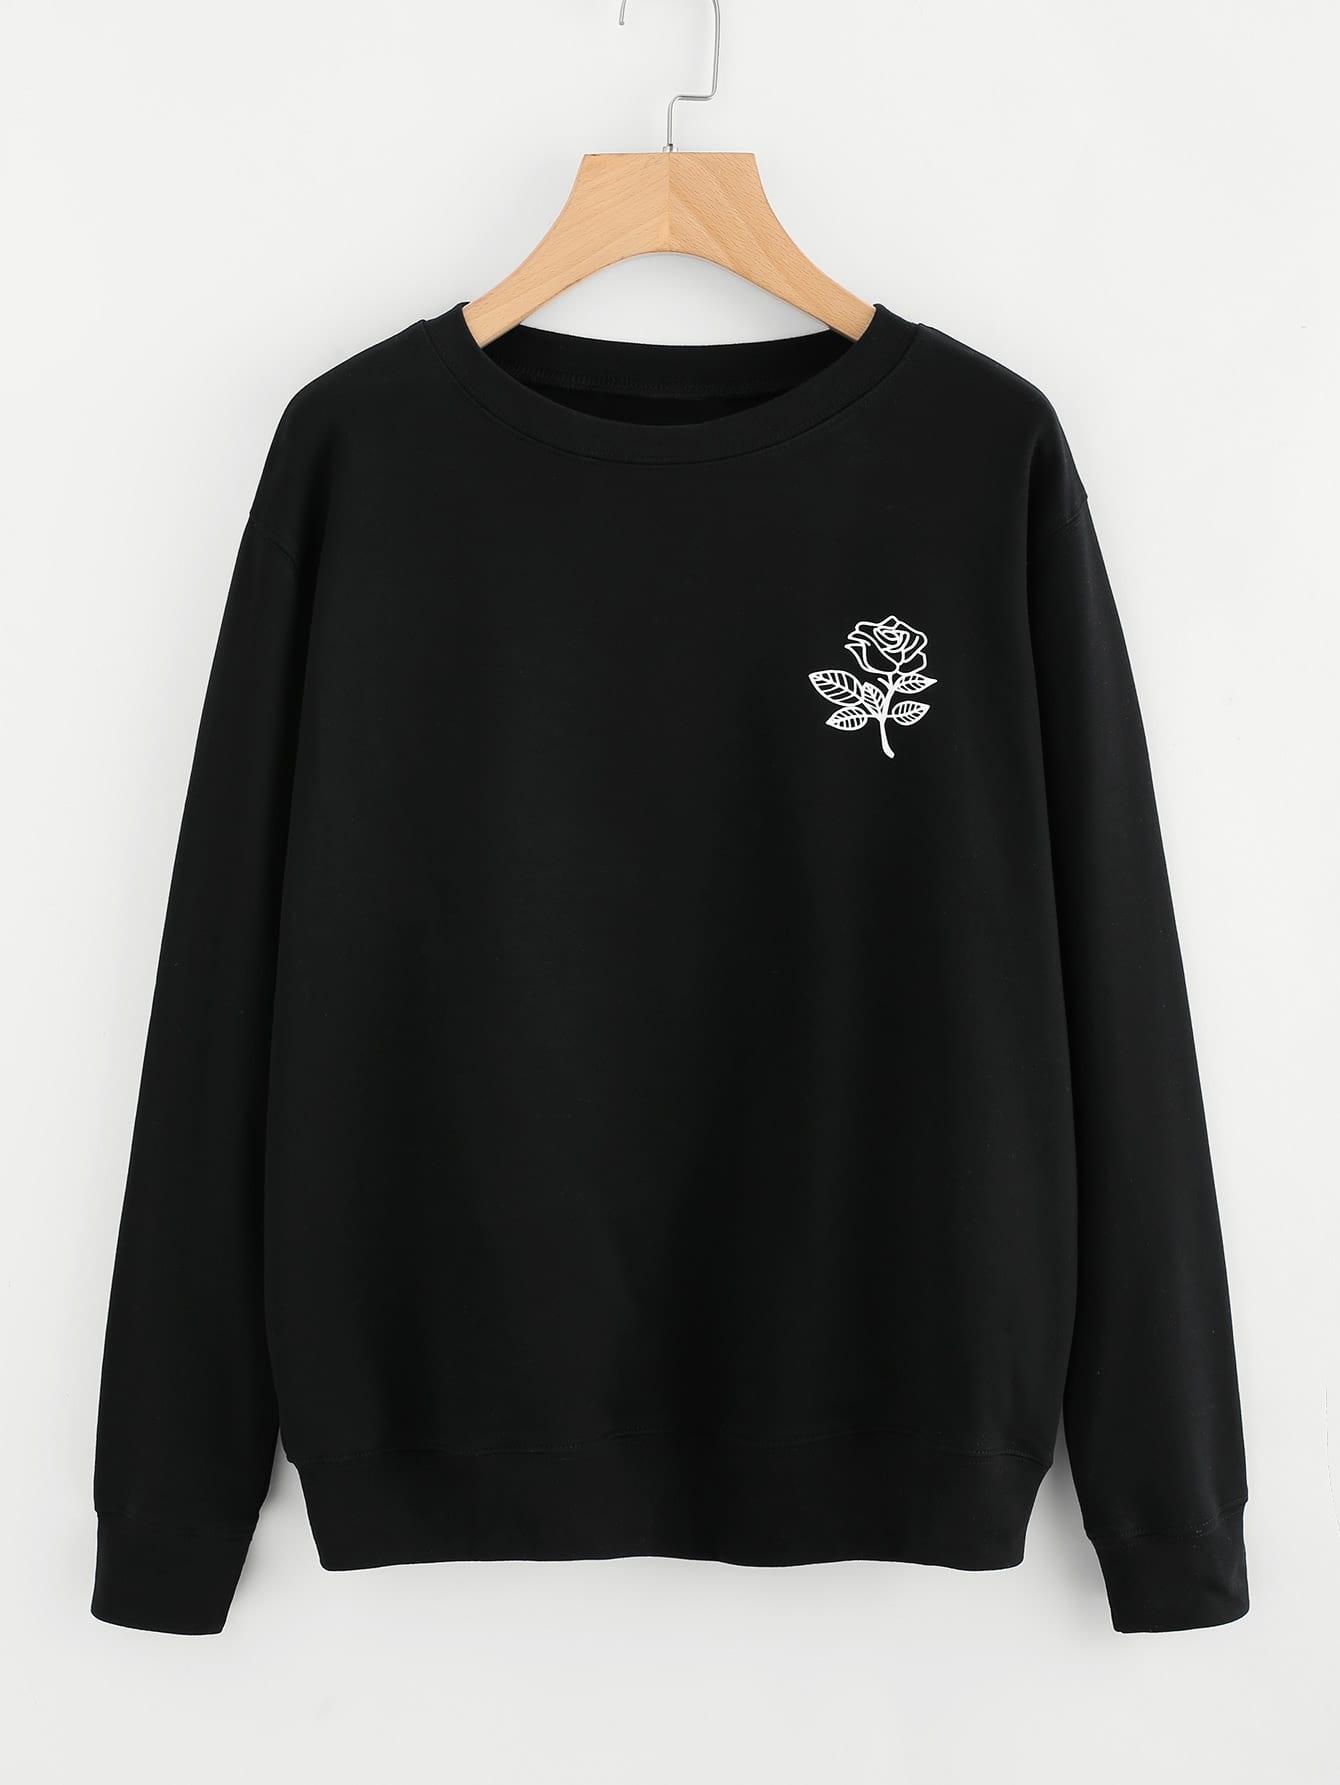 Floral Print Sweatshirt sweatsh171101372